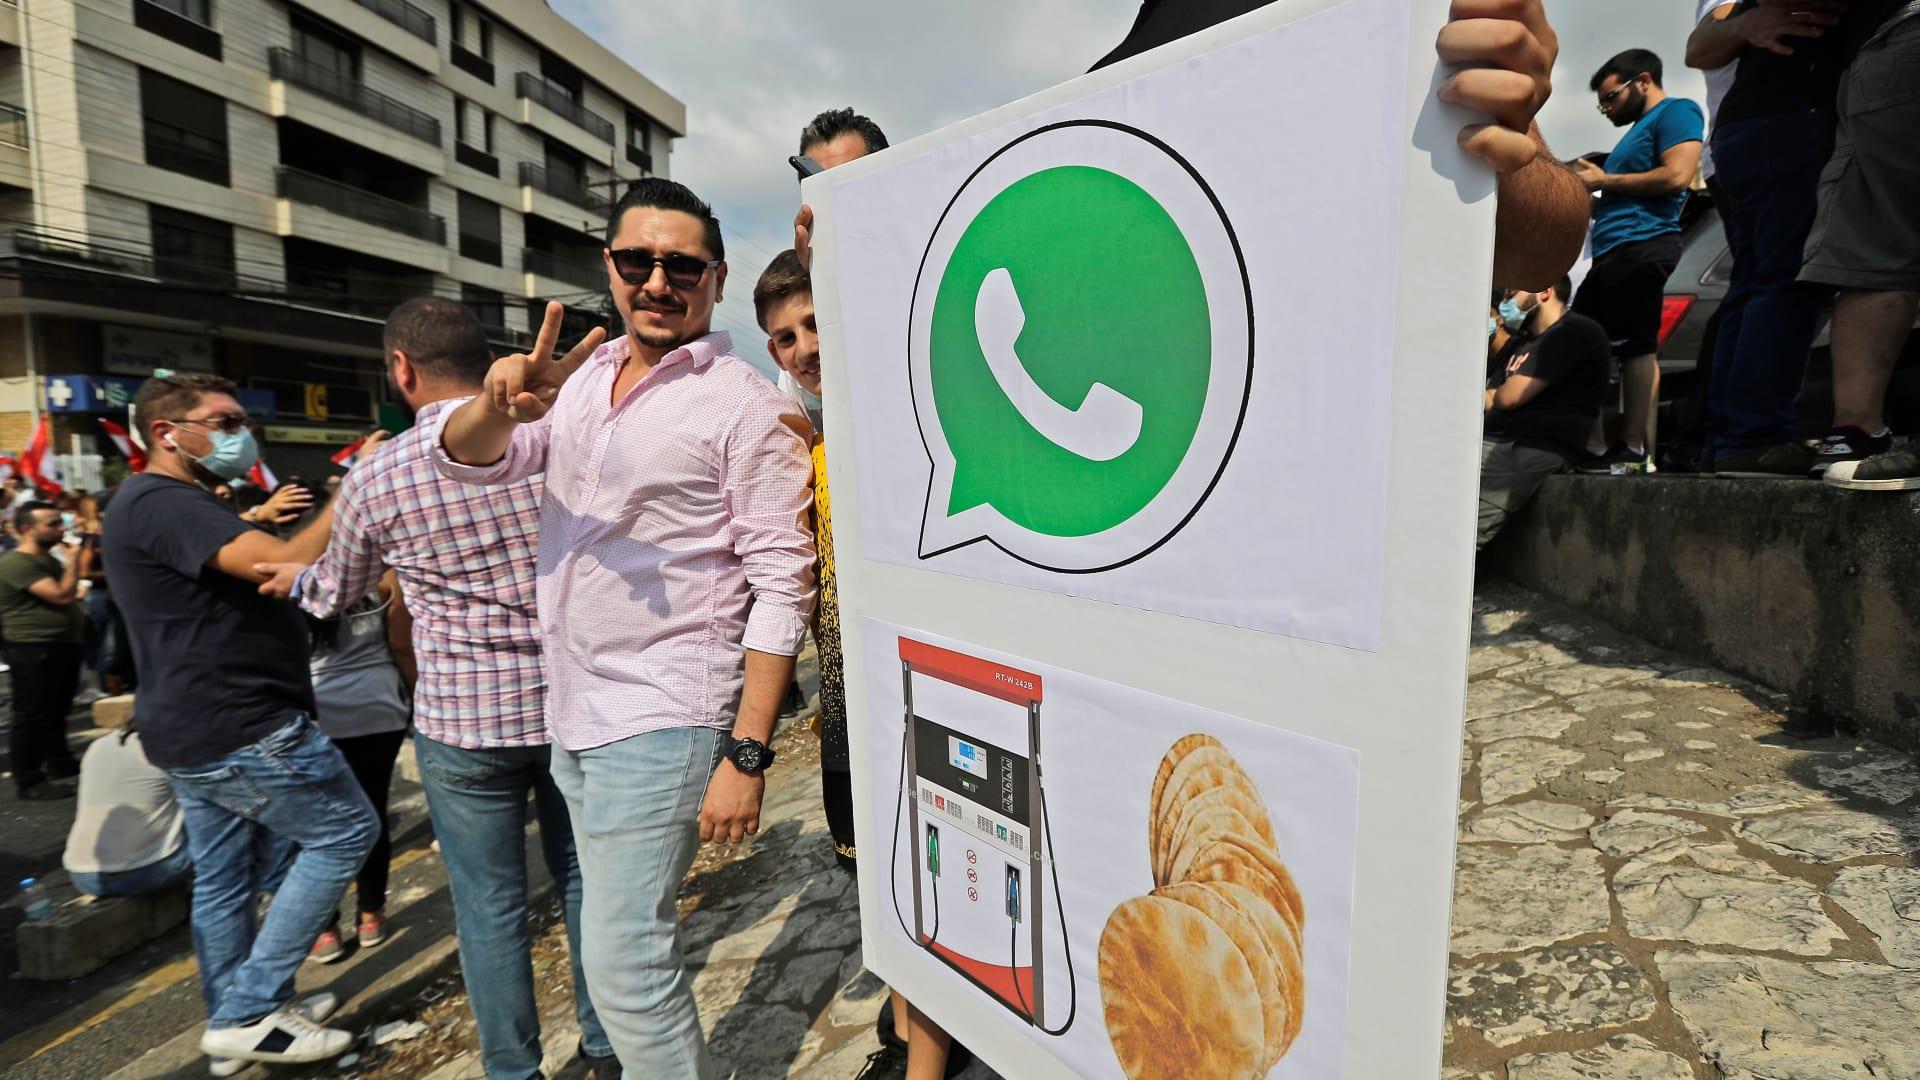 مظاهرات الجمعة تتواصل في لبنان احتجاجاً على الضرائب